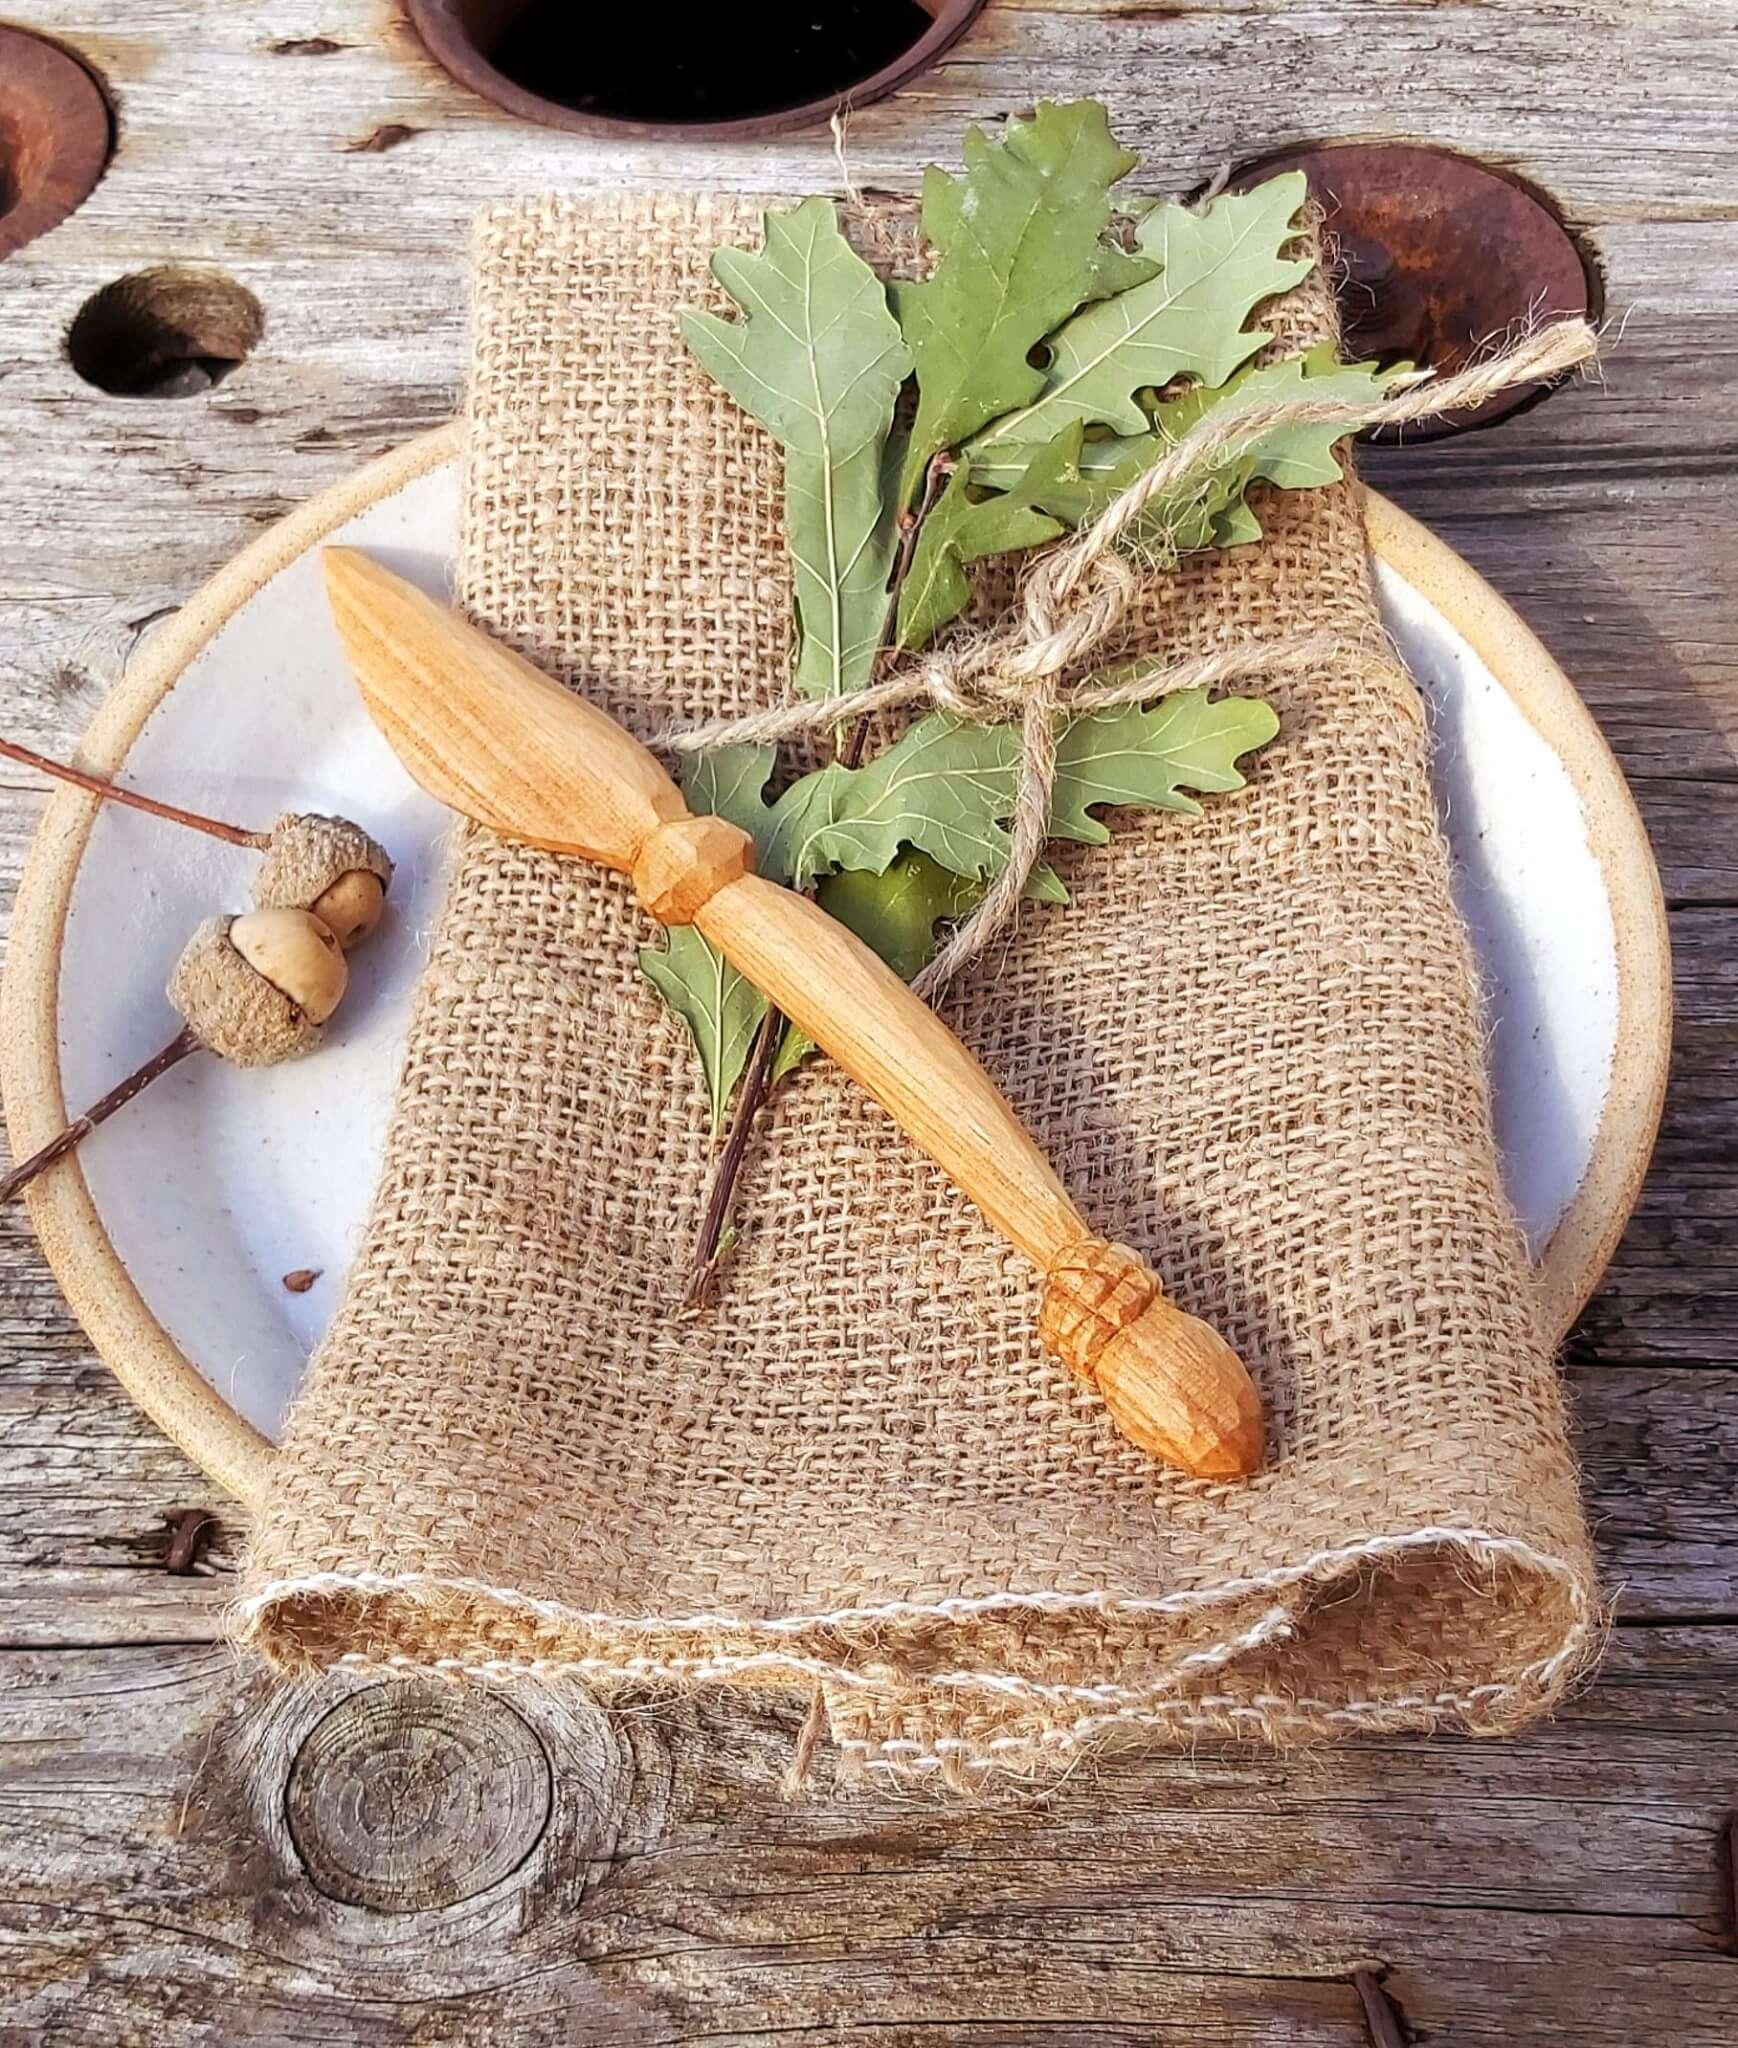 acorn wooden butter knife